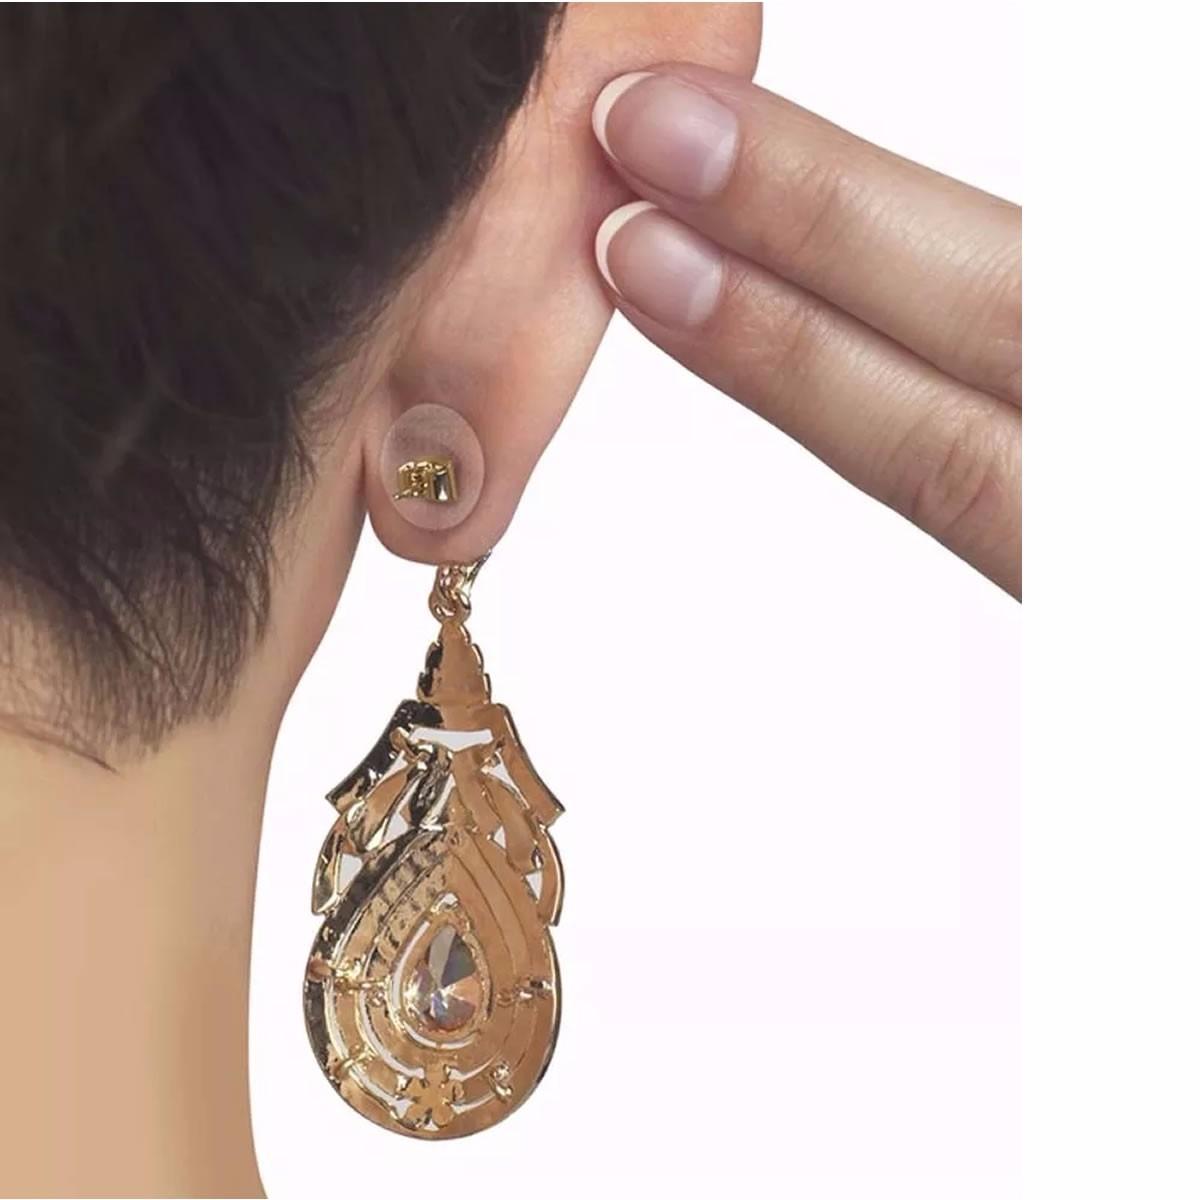 Artesanato Com Materiais Variados ~ Ear Lift Adesivo De Sustenç u00e3o Para Brinco Em Orelha Rasgada R$ 34,99 em Mercado Livre